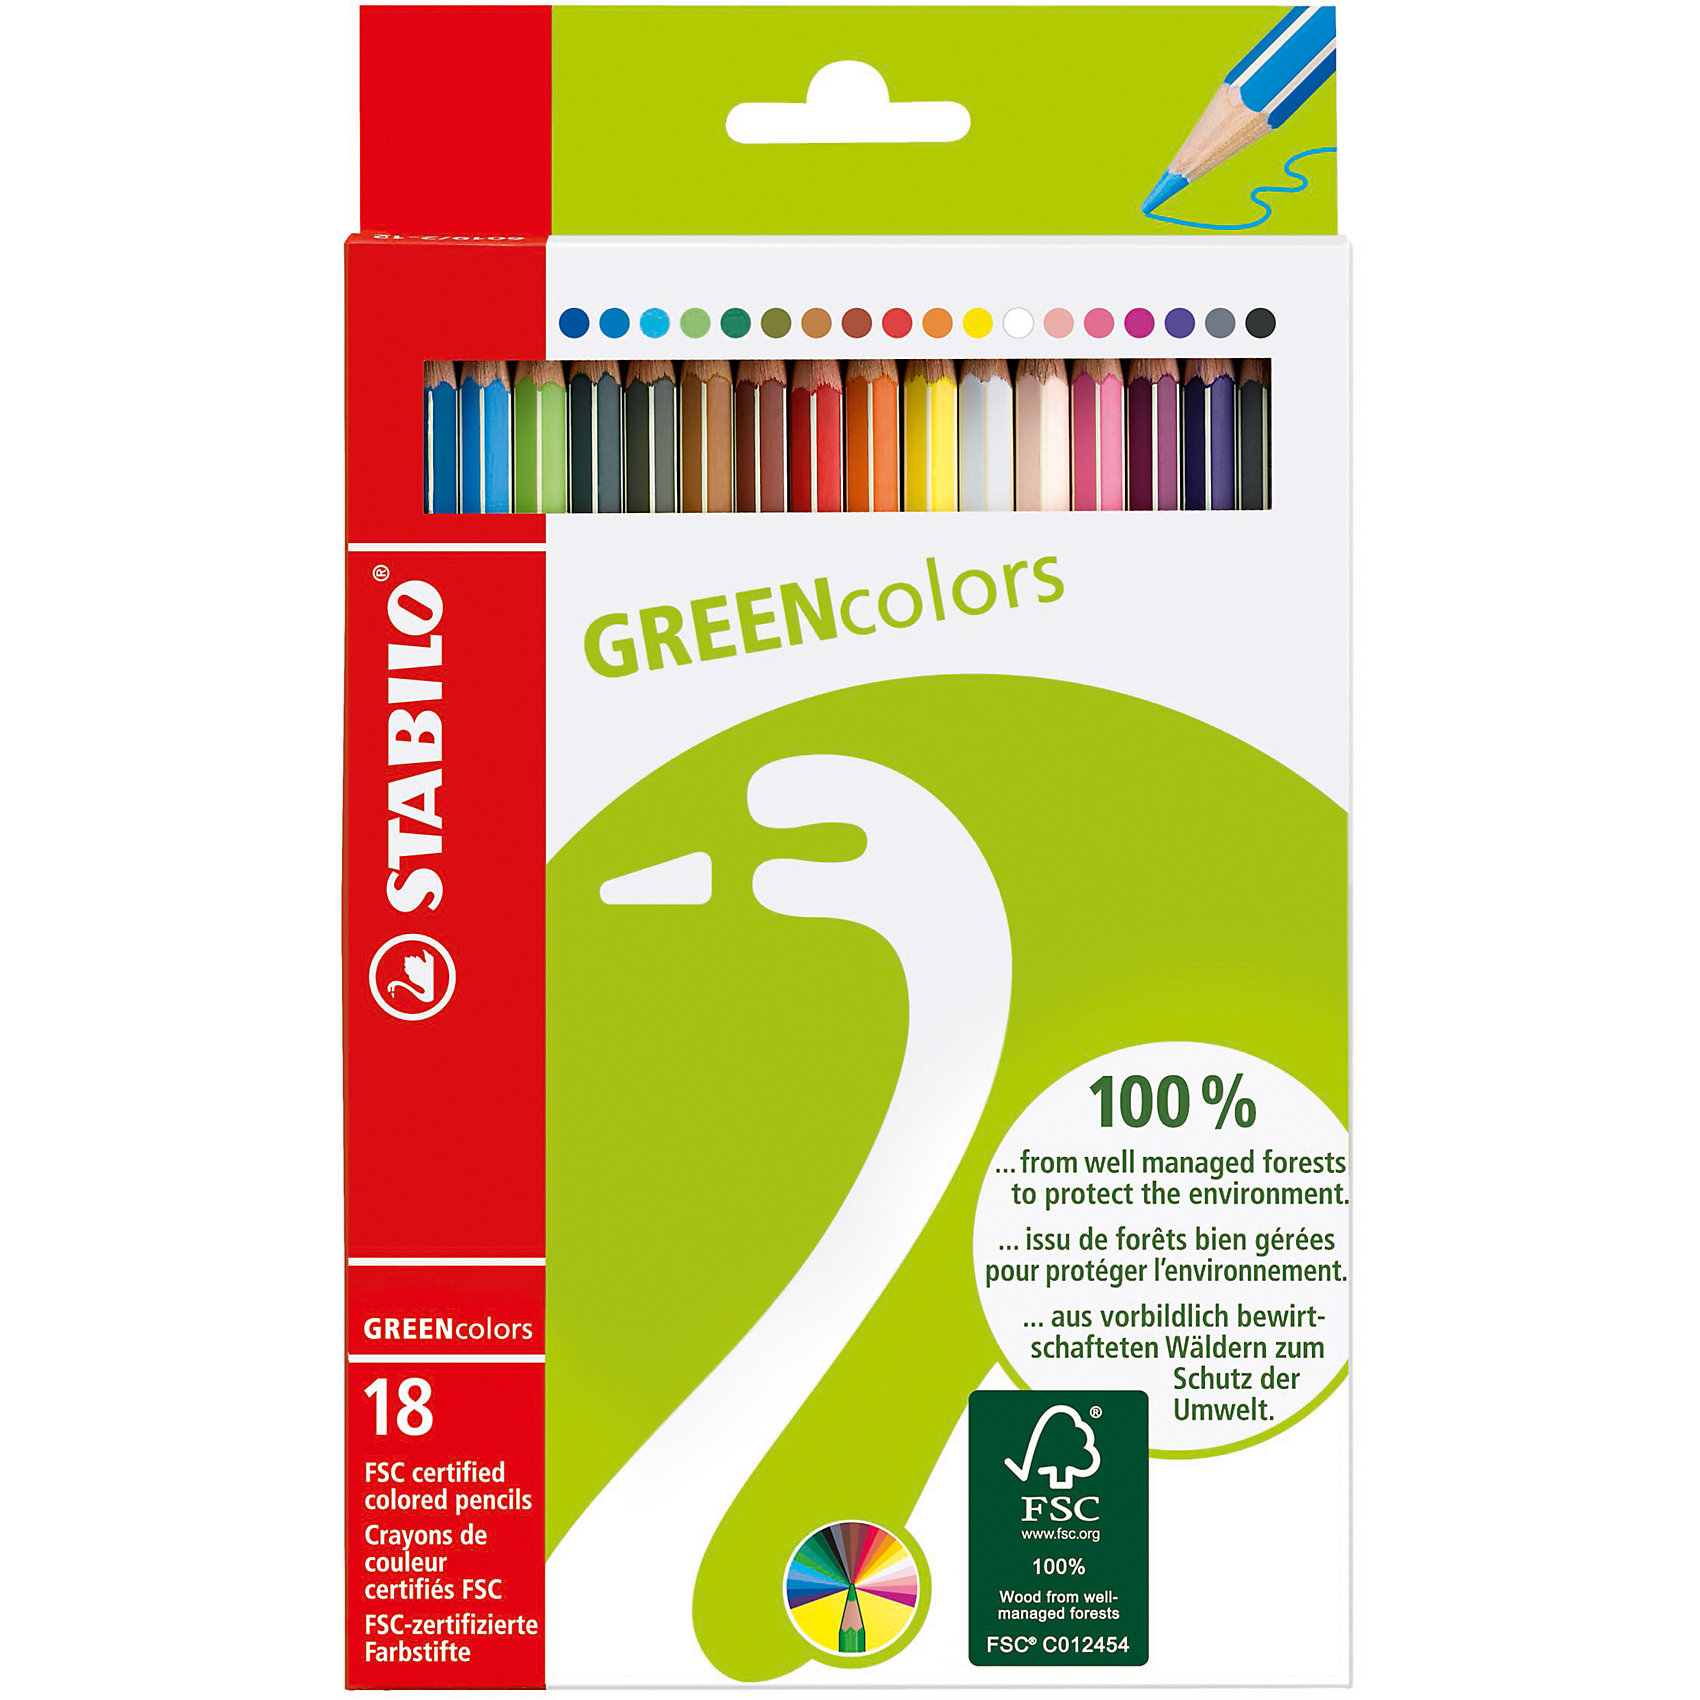 Набор цветных карандашей, 18 цв., GREEN COLOURSНабор цветных карандашей, 18 цв., GREEN COLOURS от марки Stabilo<br><br>Эти карандаши созданы немецкой компанией для комфортного и легкого рисования. Легко затачиваются, при этом грифель очень устойчив к поломкам. Цвета яркие, линия мягкая и однородная. Будут долго держаться на бумаге и не выцветать. Рисование помогает детям развивать усидчивость, воображение, образное восприятие мира, а также мелкую моторику рук.  <br>Этот набор - экологически безопасный. Грифель - из возобновляемой древесины, покрытой лаком. Упаковка - из переработанного картона. В наборе - 18 карандашей разных цветов. Они отлично лежат в руке благодаря удобной форме и качественному покрытию.<br><br>Особенности данной модели:<br><br>комплектация: 18 шт.<br><br>Набор цветных карандашей, 18 цв., GREEN COLOURS от марки Stabilo можно купить в нашем магазине.<br><br>Ширина мм: 129<br>Глубина мм: 210<br>Высота мм: 12<br>Вес г: 99<br>Возраст от месяцев: 72<br>Возраст до месяцев: 192<br>Пол: Унисекс<br>Возраст: Детский<br>SKU: 2363403